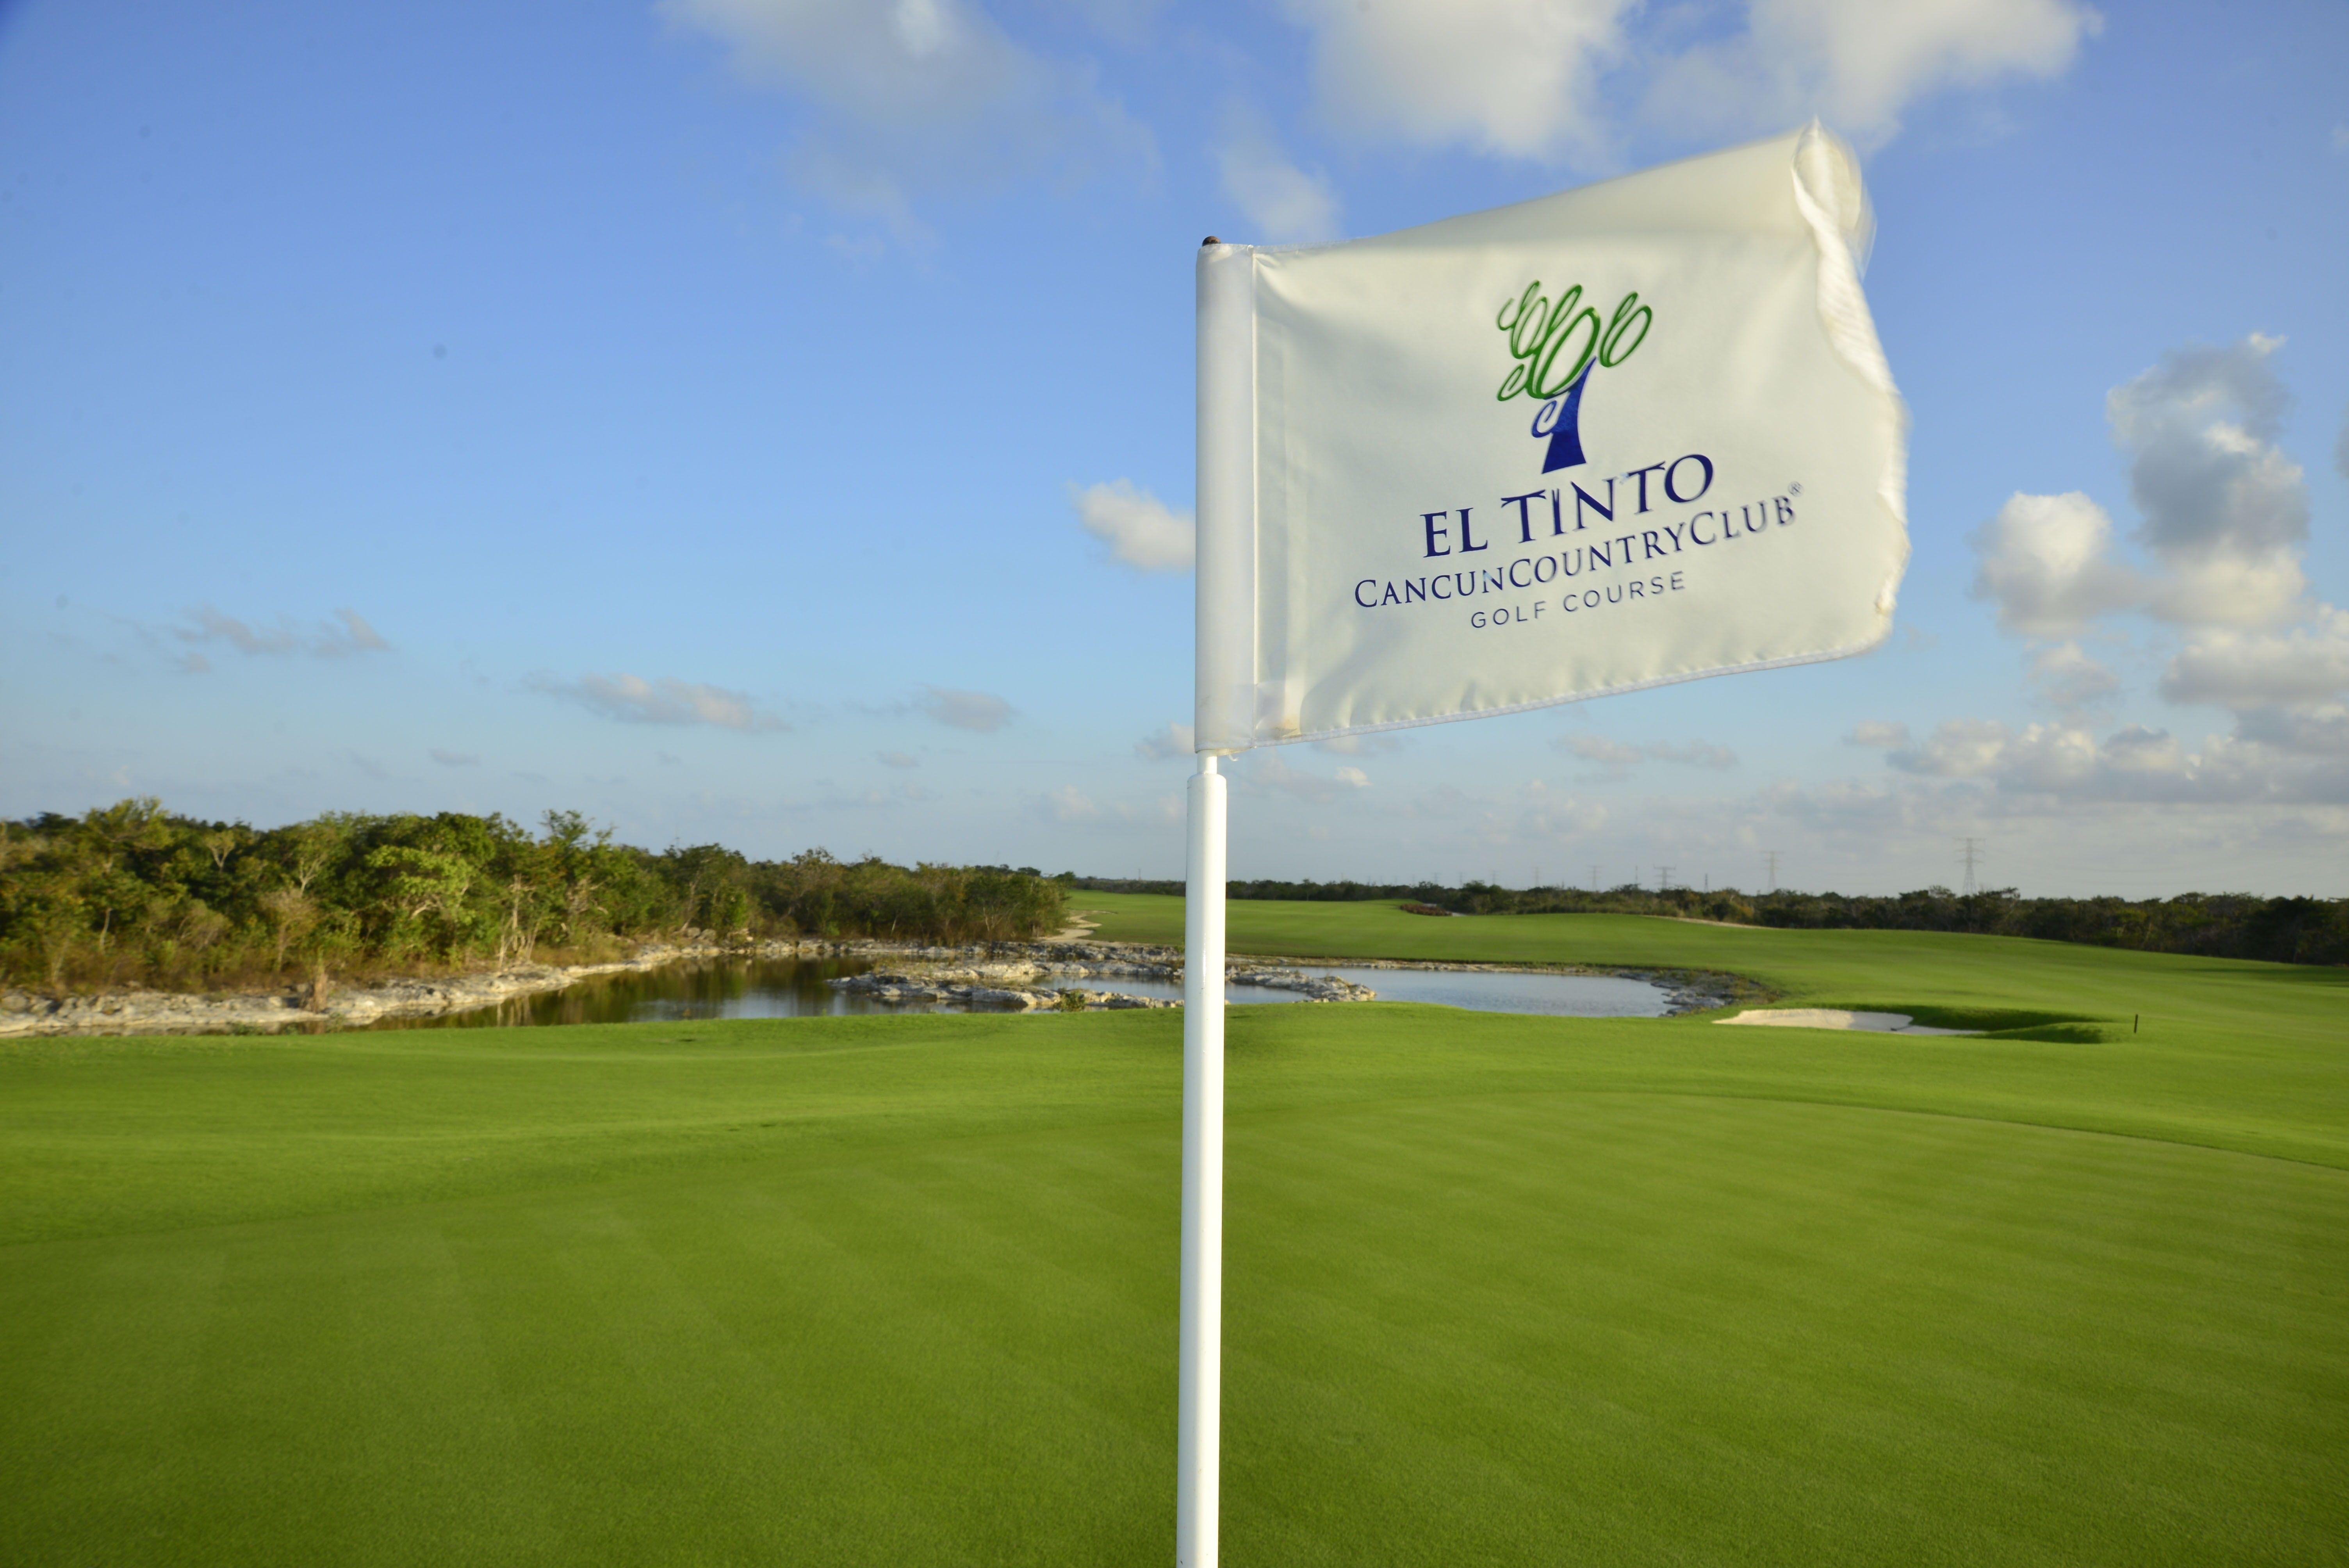 14++ Cancun golf course the tinto viral